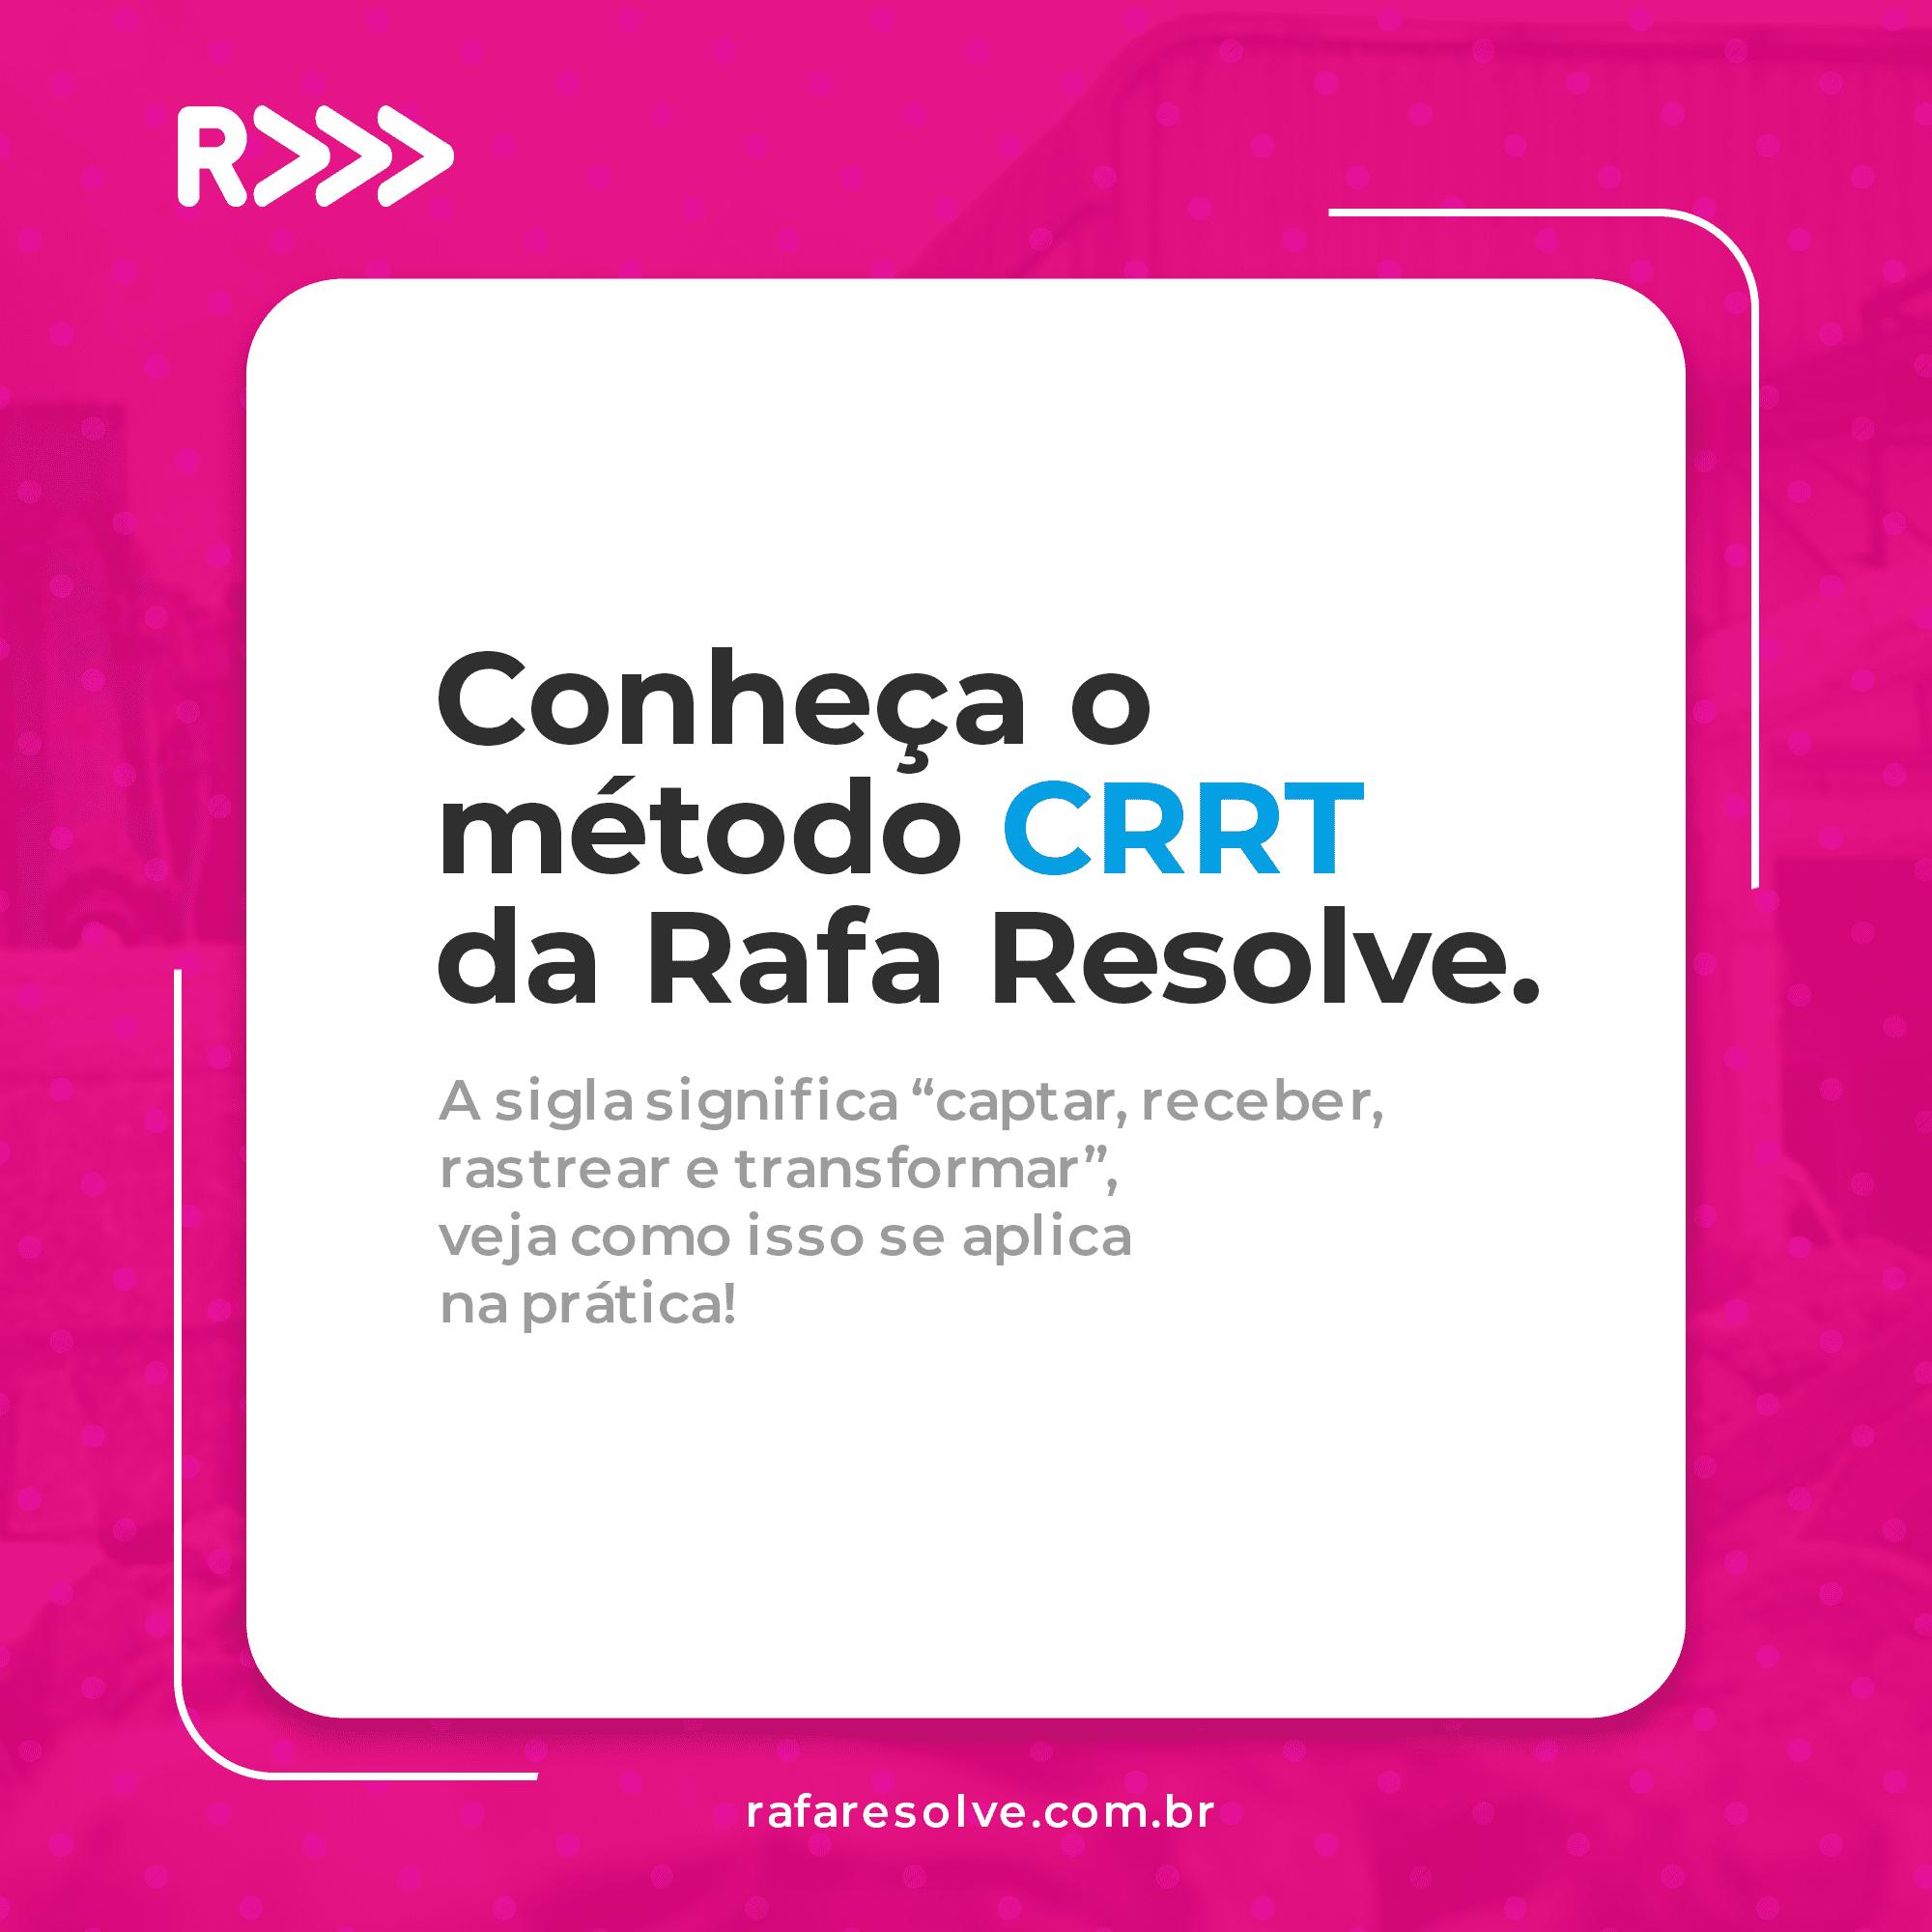 Conheça o método CRRT da Rafa Resolve